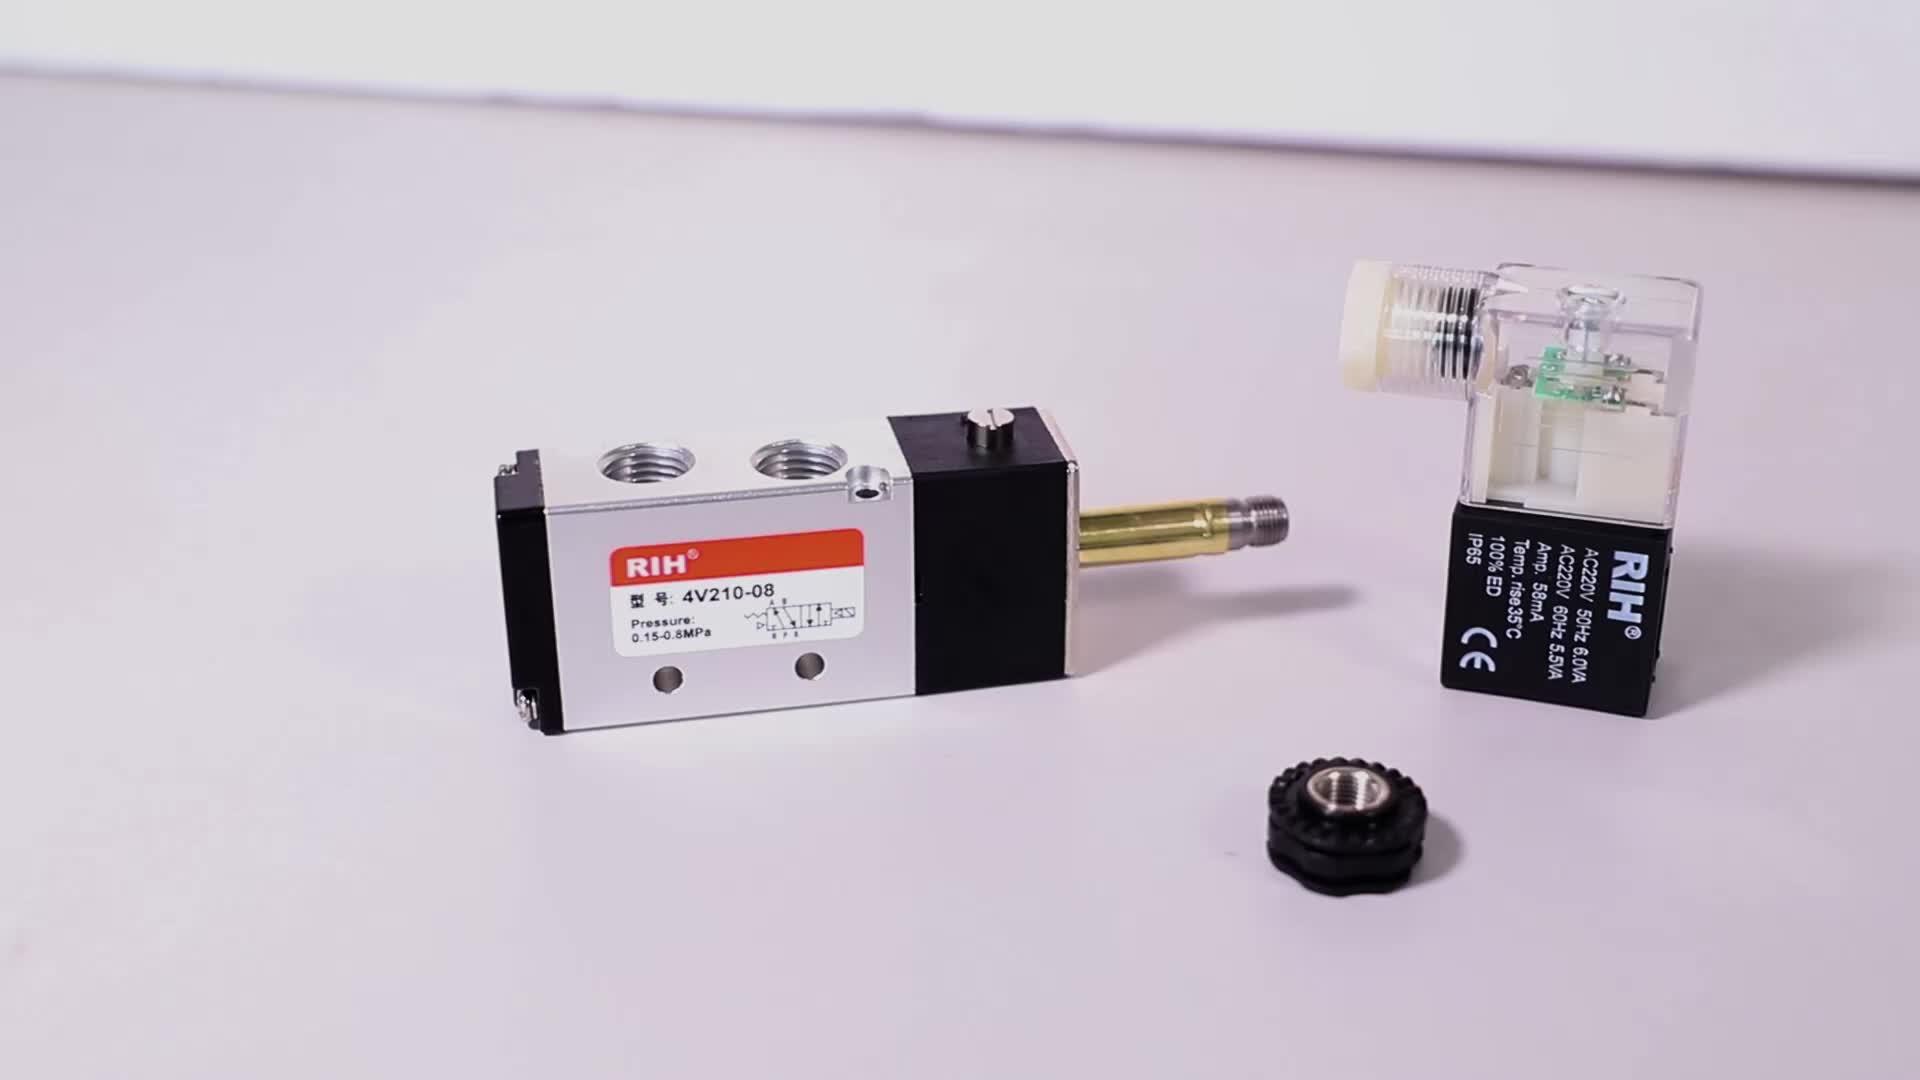 2/5 yollu hava kompresörü DC24V AC220V AC110V DC12V kablolama Solenoid valfı pnömatik silindir parçaları Airtac 4v210-08